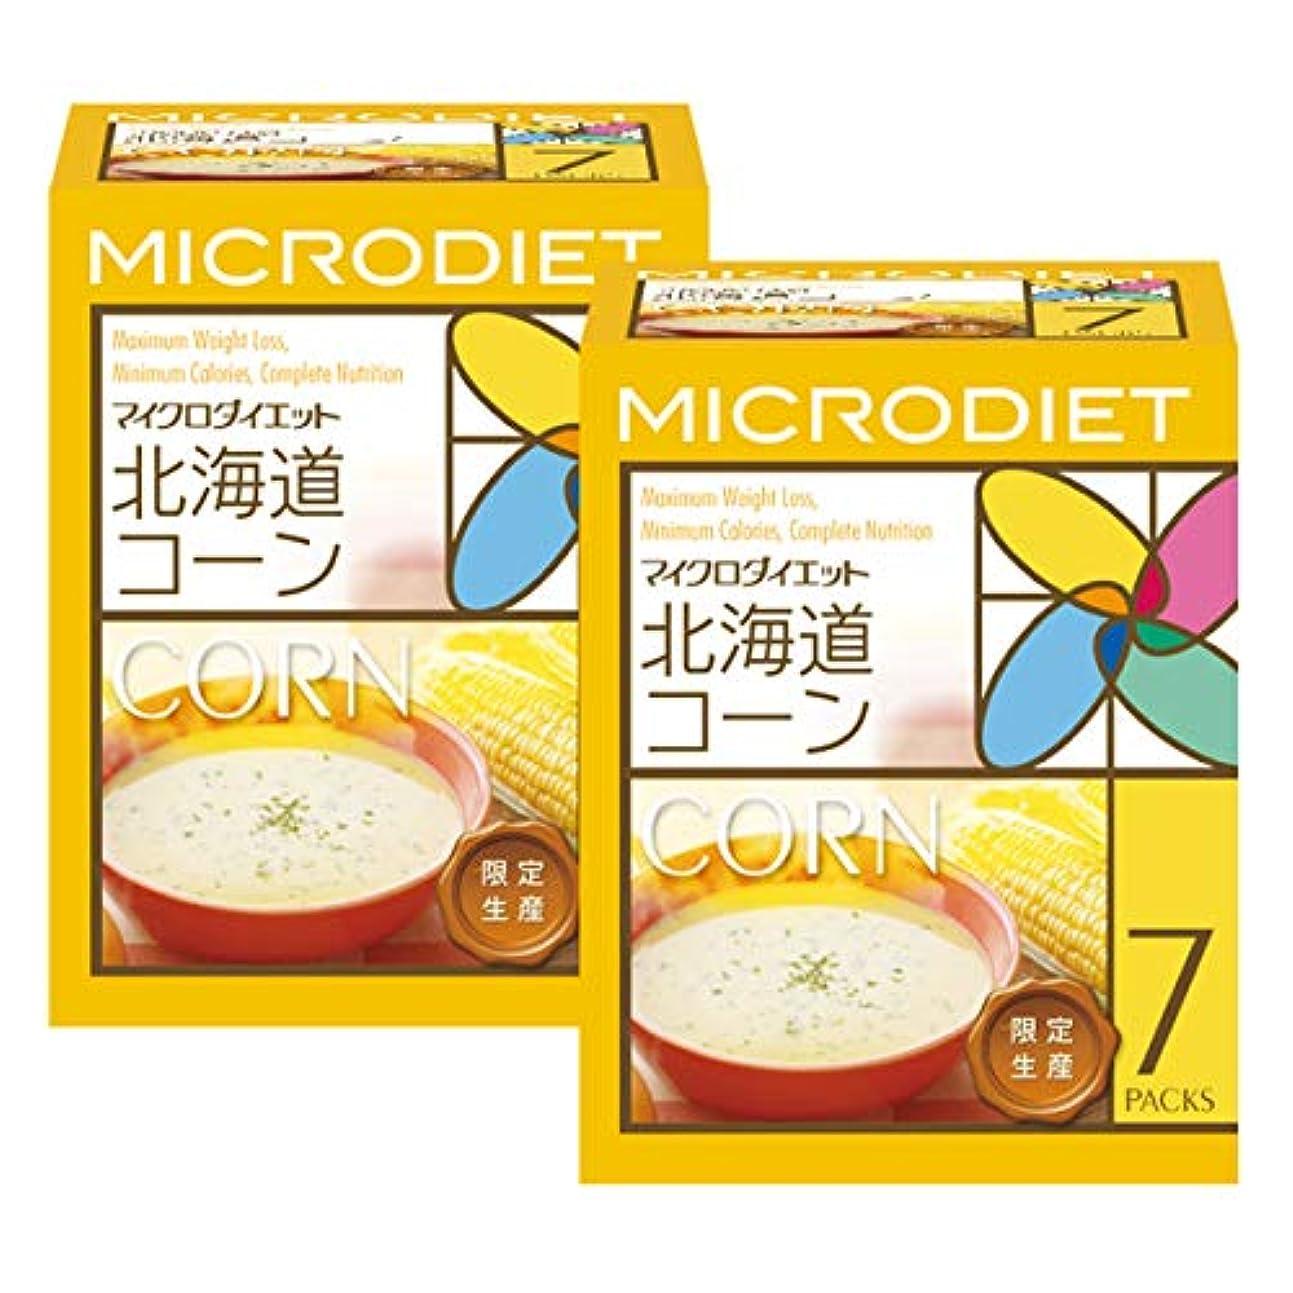 行商人思いつく痛みマイクロダイエット 限定生産[北海道コーン] (14食)6AMA2-07433